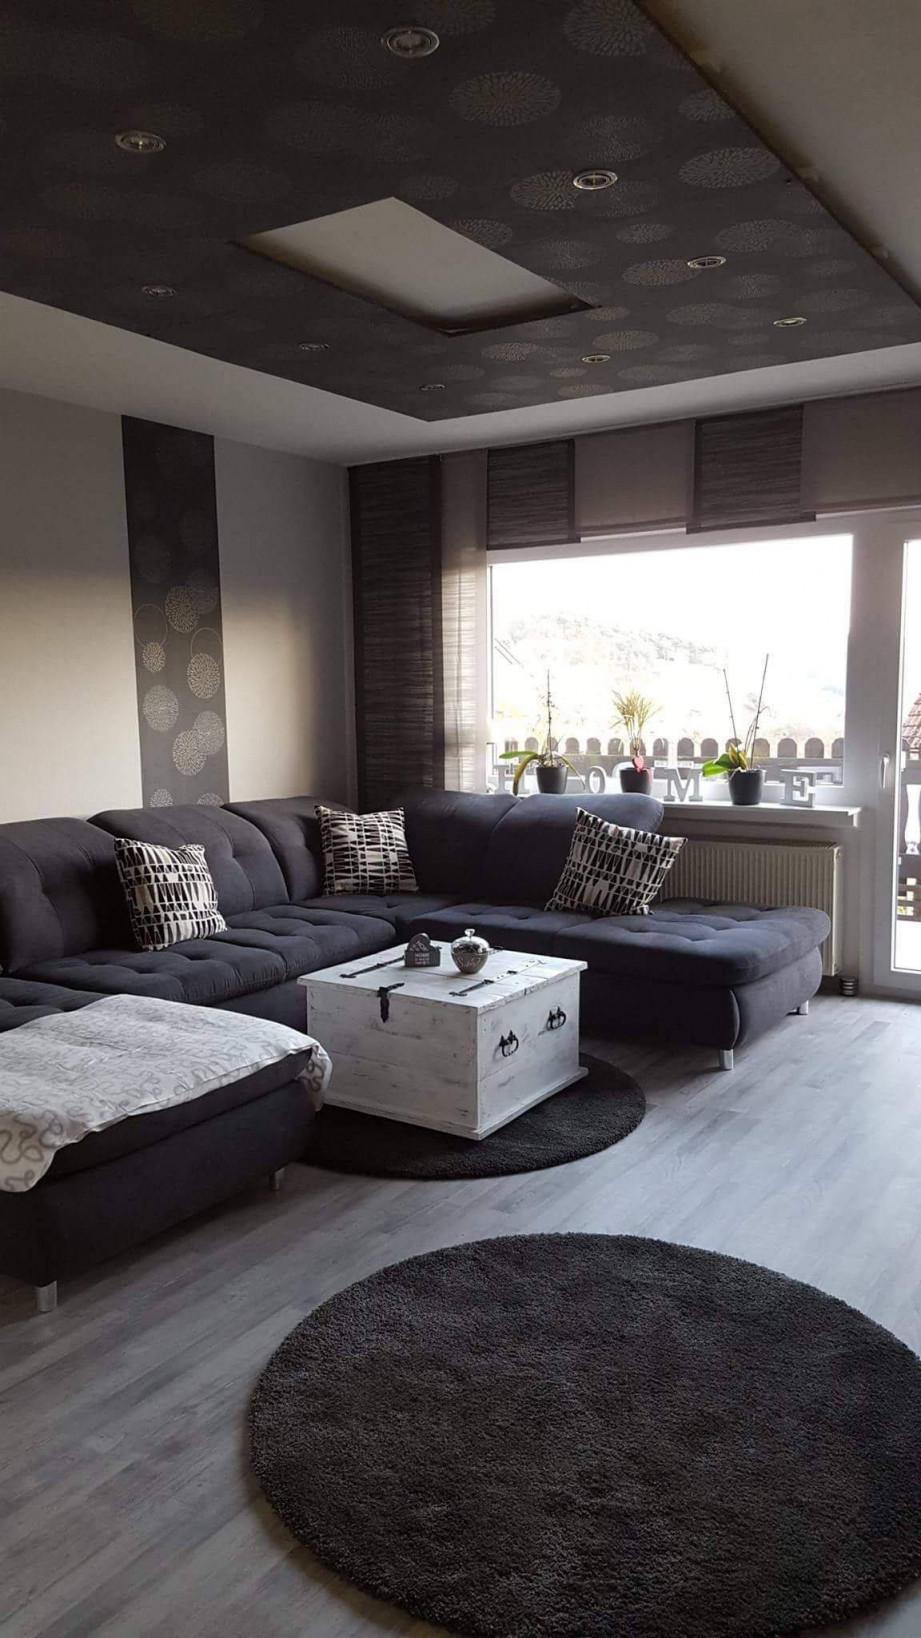 Großes Wohnzimmer Einrichten Reizend Wohnzimmer Ideen Grau von Wohnzimmer In Weiss Gestalten Bild